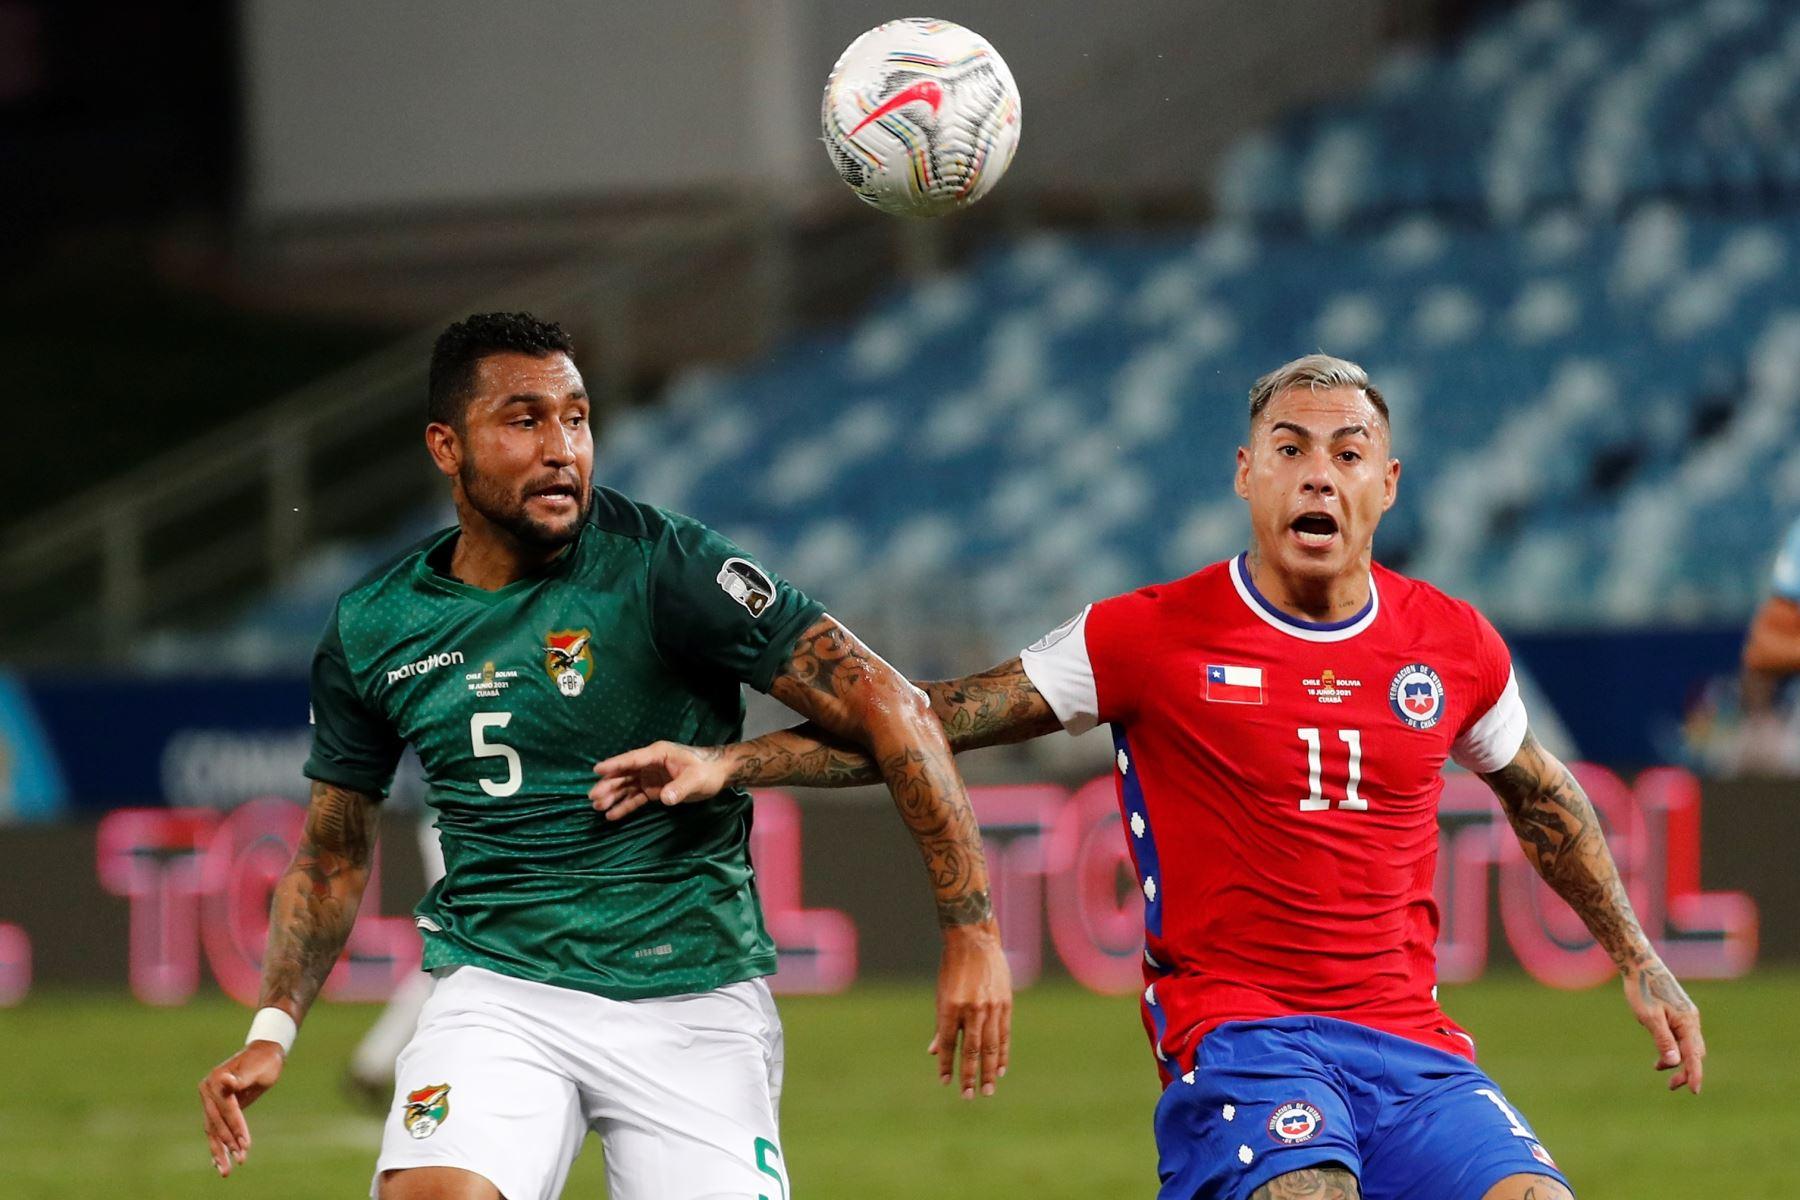 Eduardo Vargas de Chile disputa el balón con Adrián Jusino de Bolivia durante partido por el grupo A de la Copa América, en el estadio Arena Pantanal de Cuiabá, Brasil. Foto: EFE